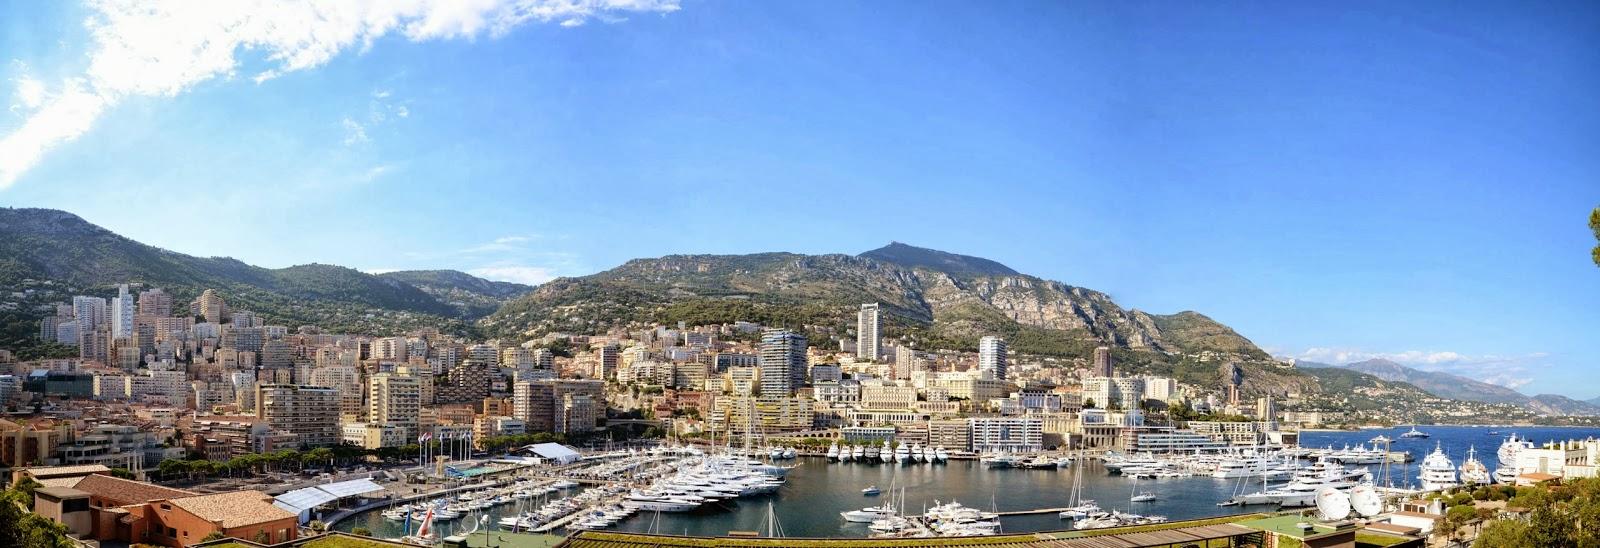 모나코 전경 モナコ全景